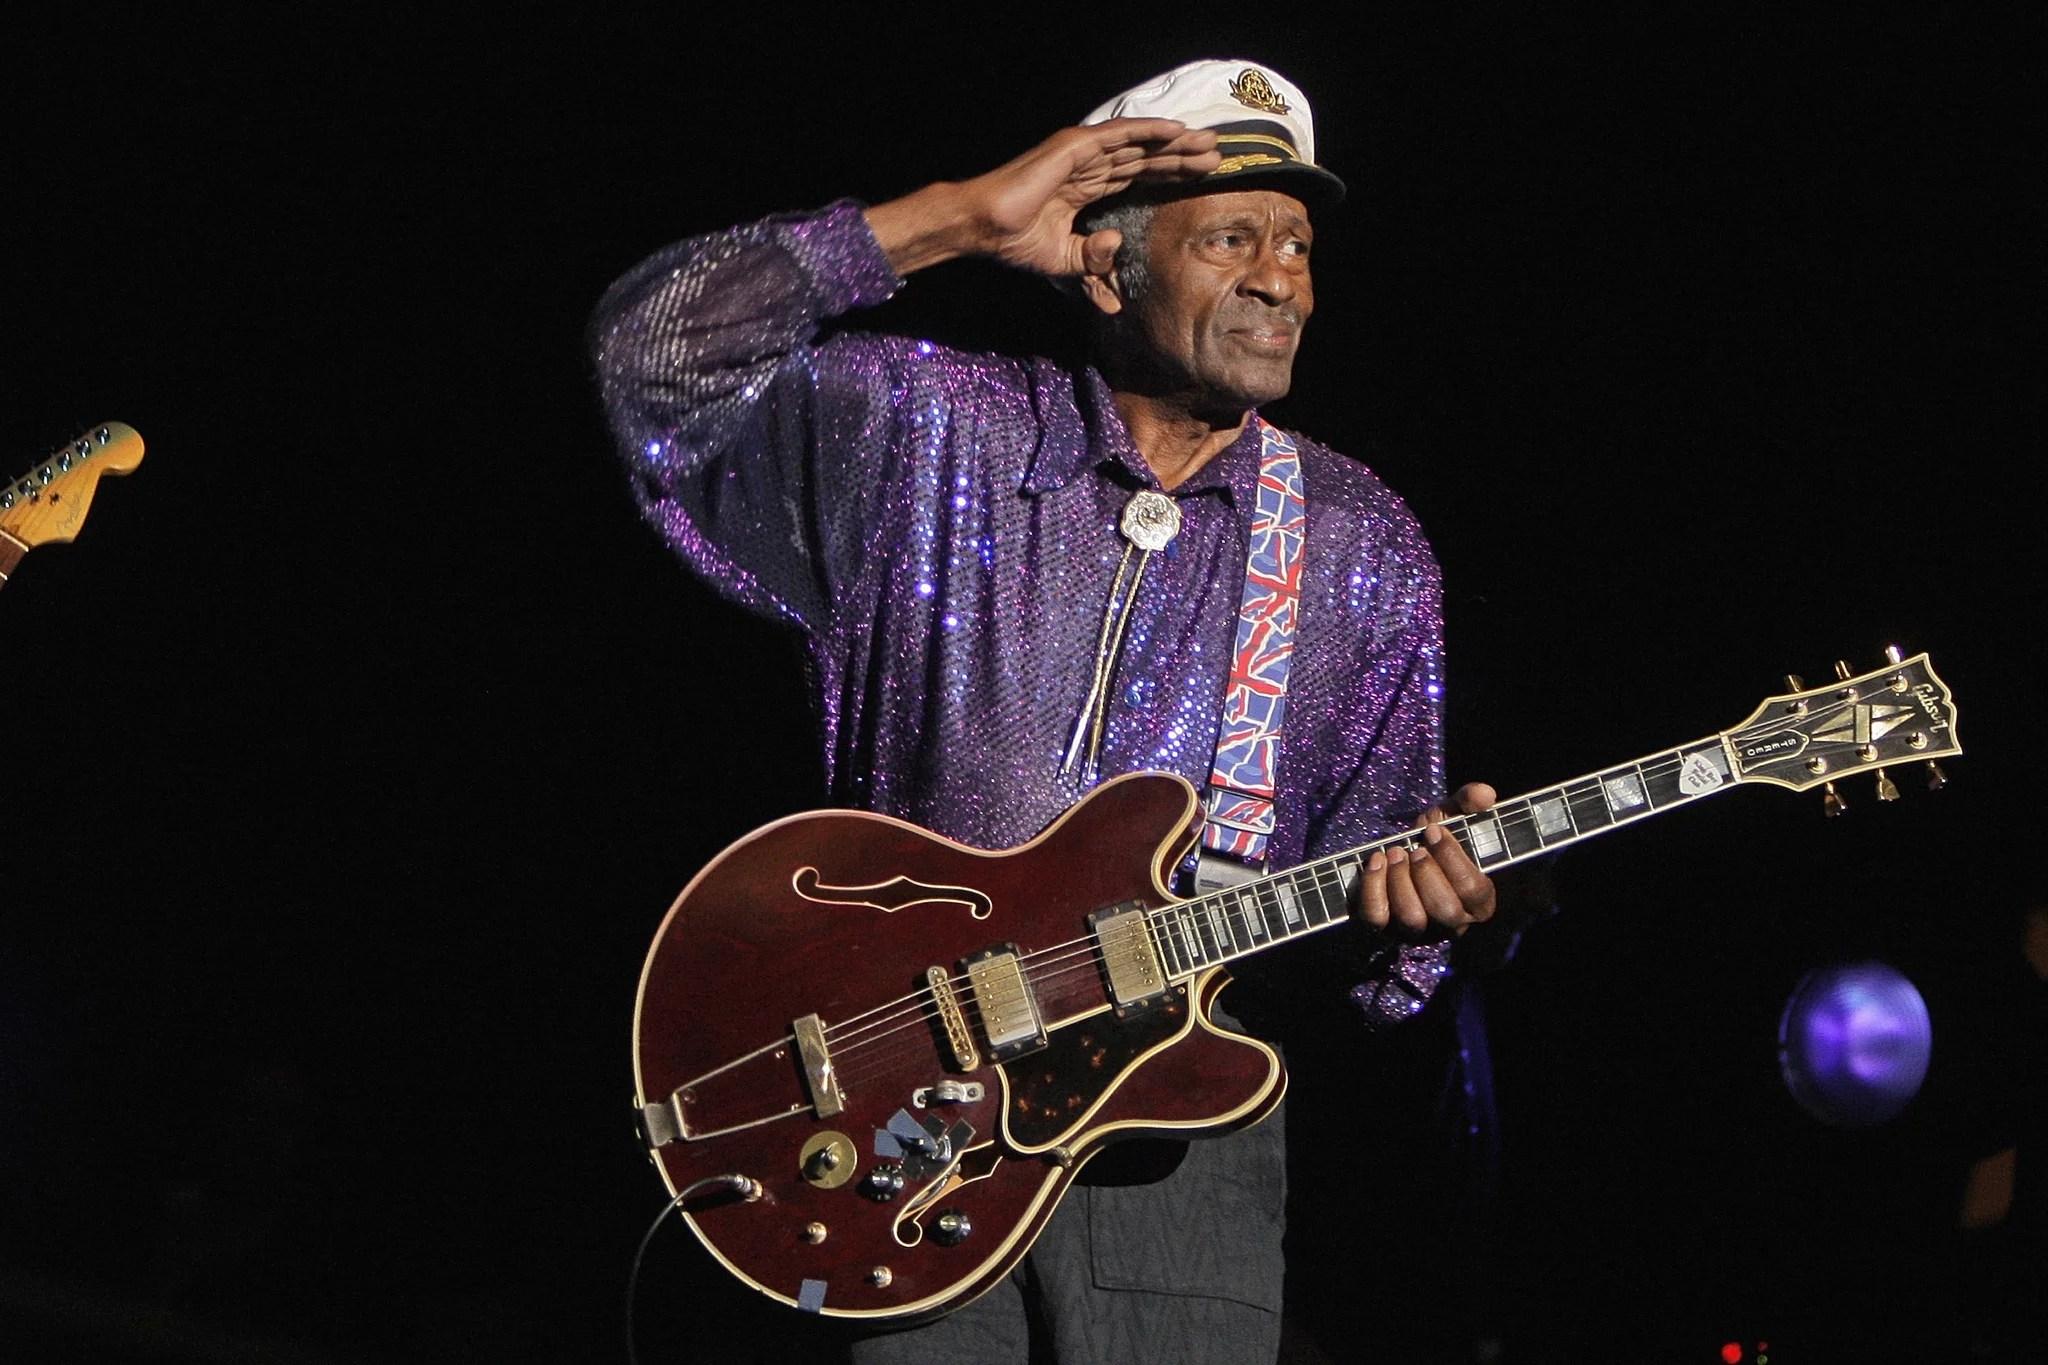 La leggenda Chuck Berry di musica è morto